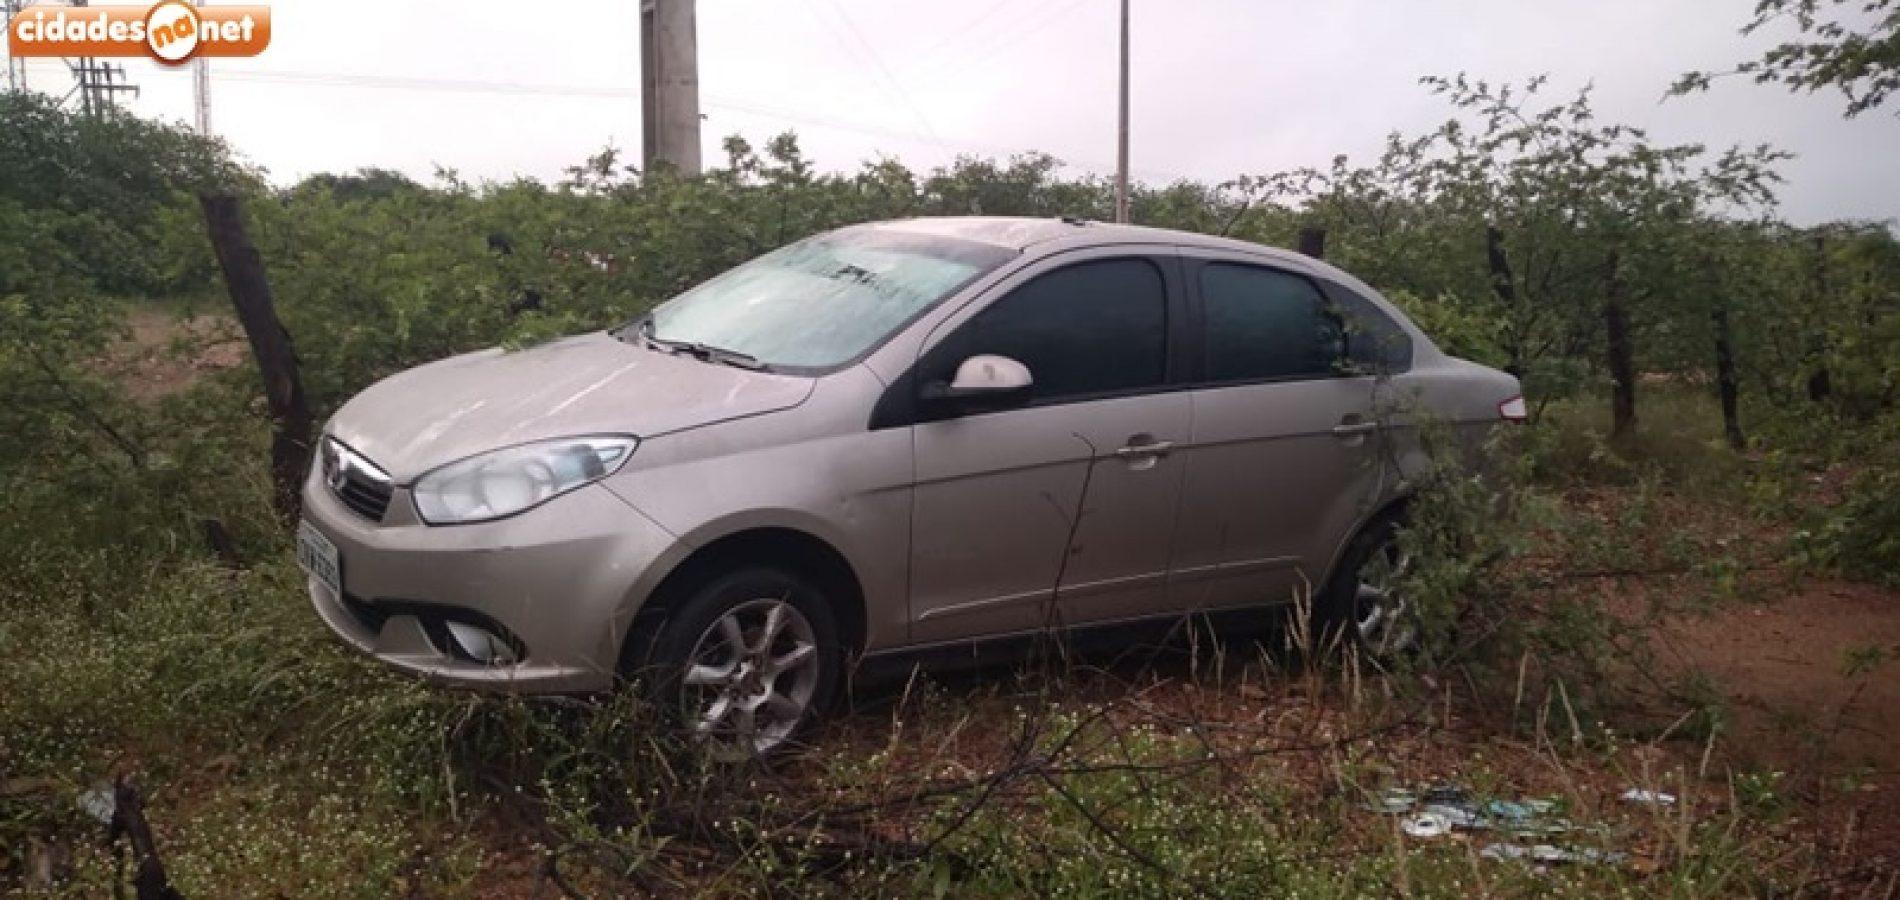 Bandidos assaltam secretário e levam carro da vítima em Patos do Piauí